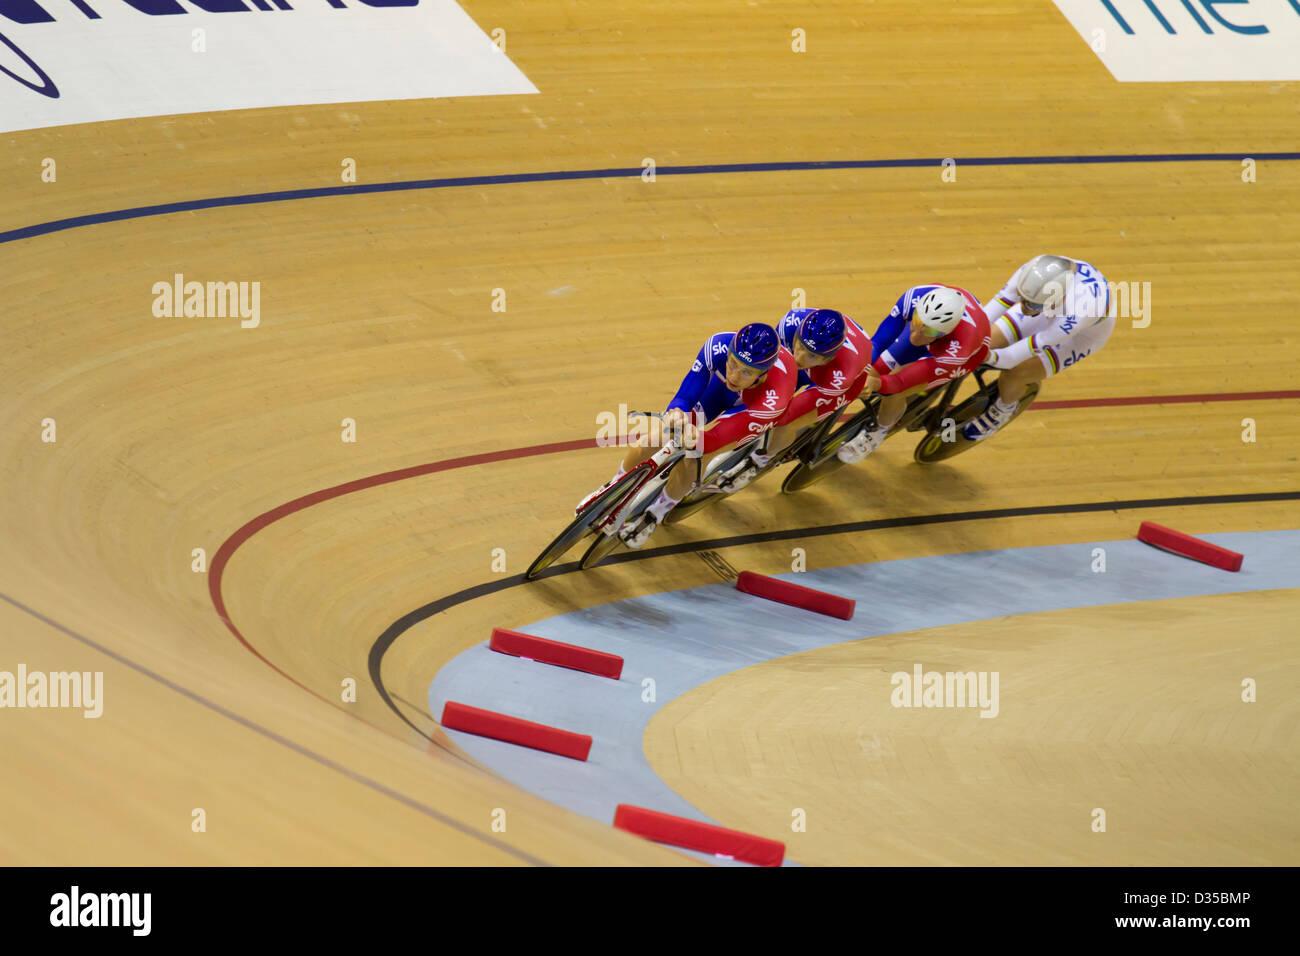 Gran Bretaña hombres team pursuit racing Imagen De Stock